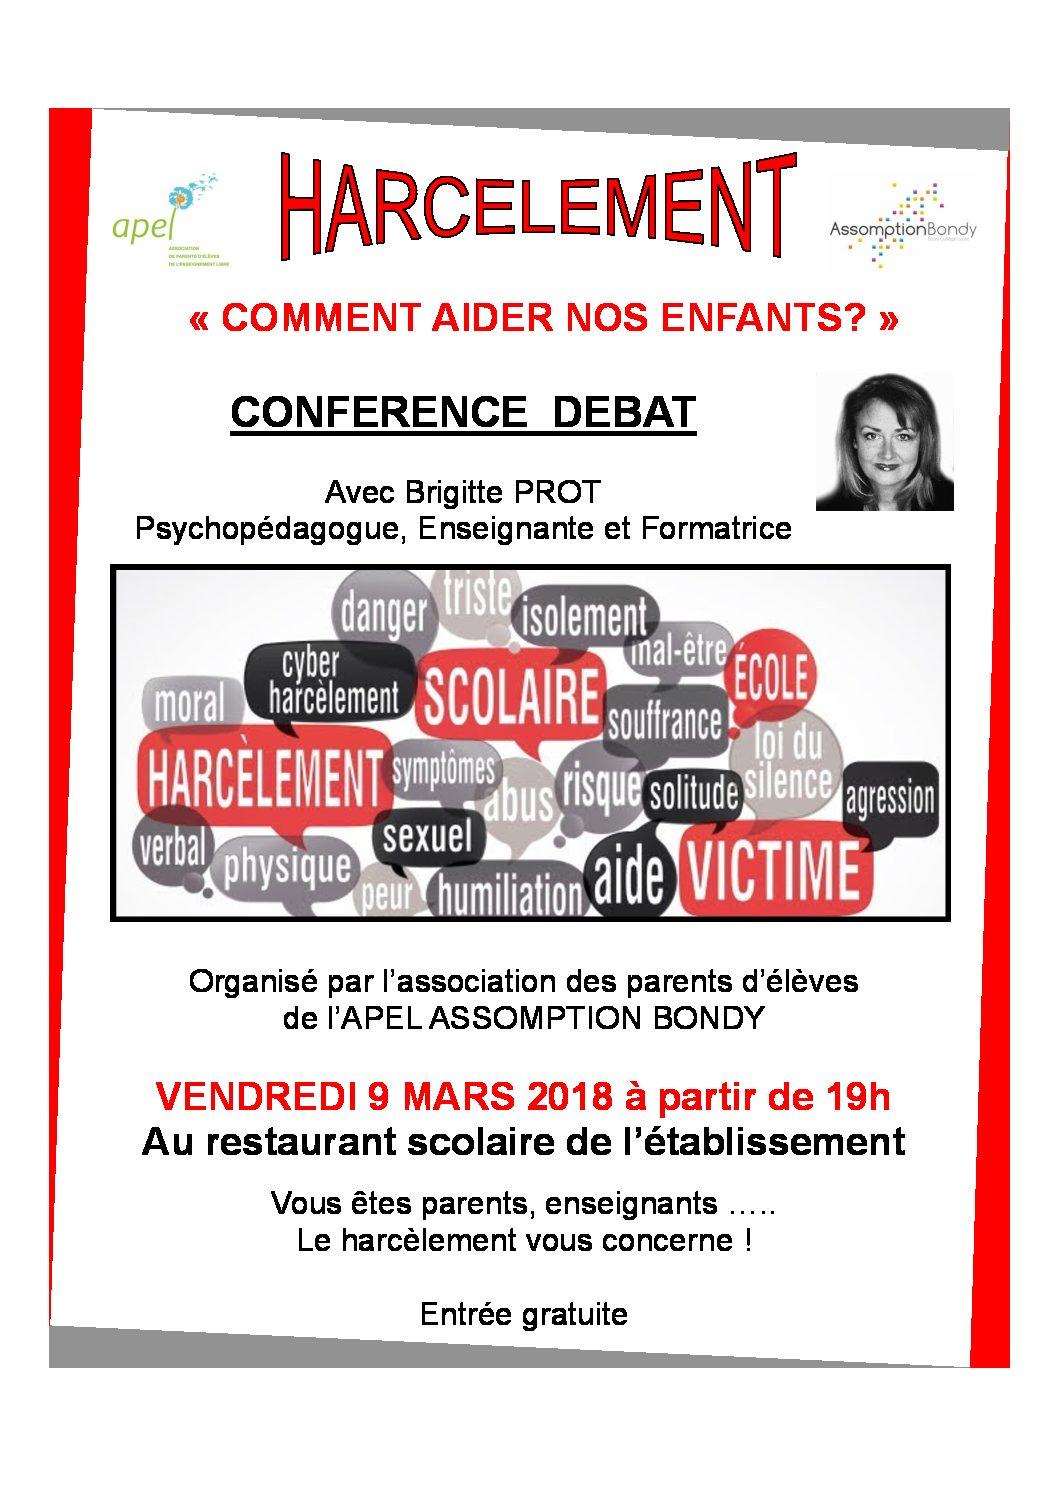 Conférence sur le Harcèlement